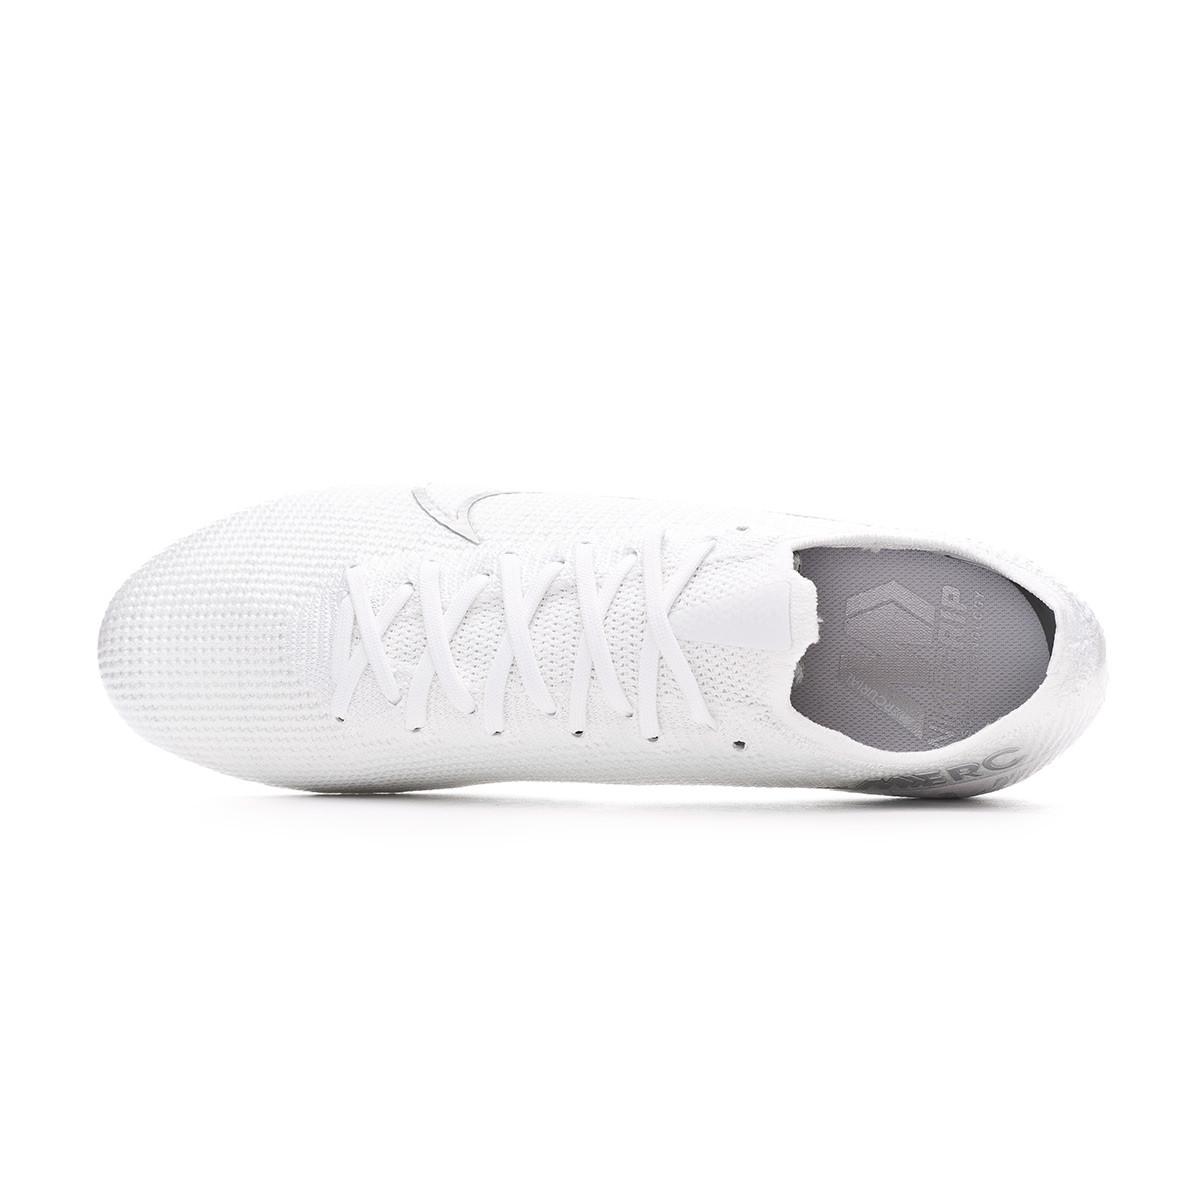 Nike Mercurial Vapor 13 Elite FG Nuovo WhiteChromeMetallic Silver